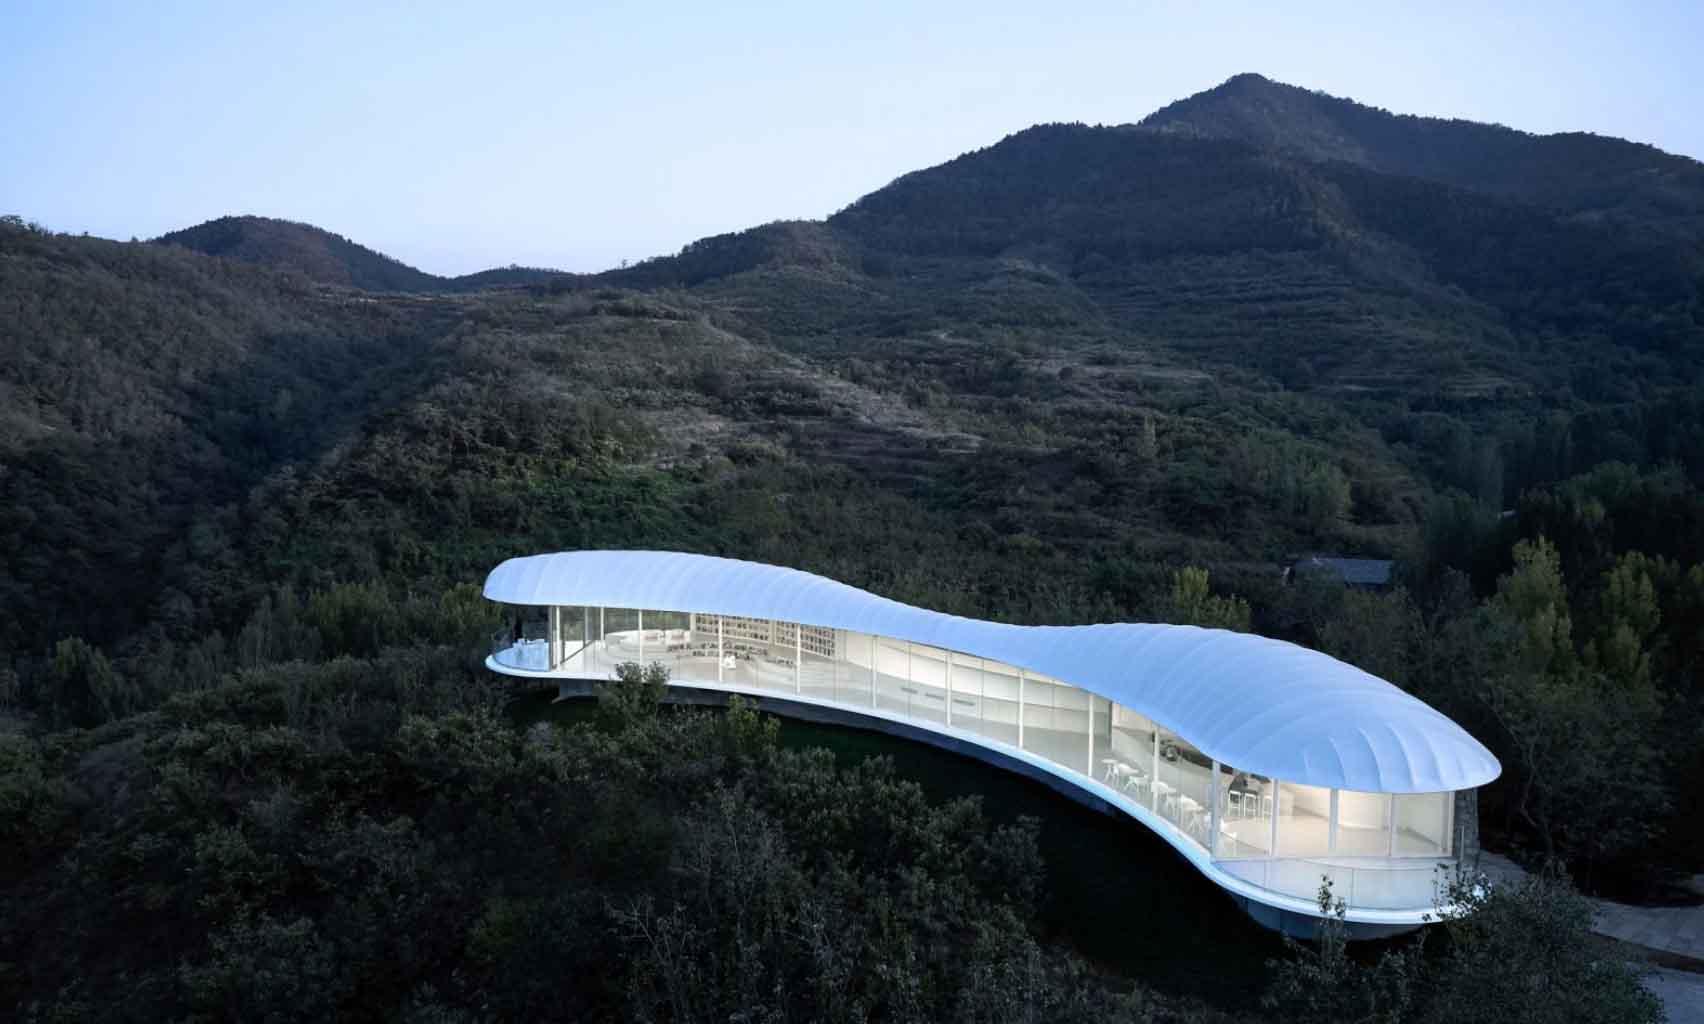 Gad Line + Studio se encarama en un pabellón blanco con forma de nube para pasar por alto la montaña sagrada en China